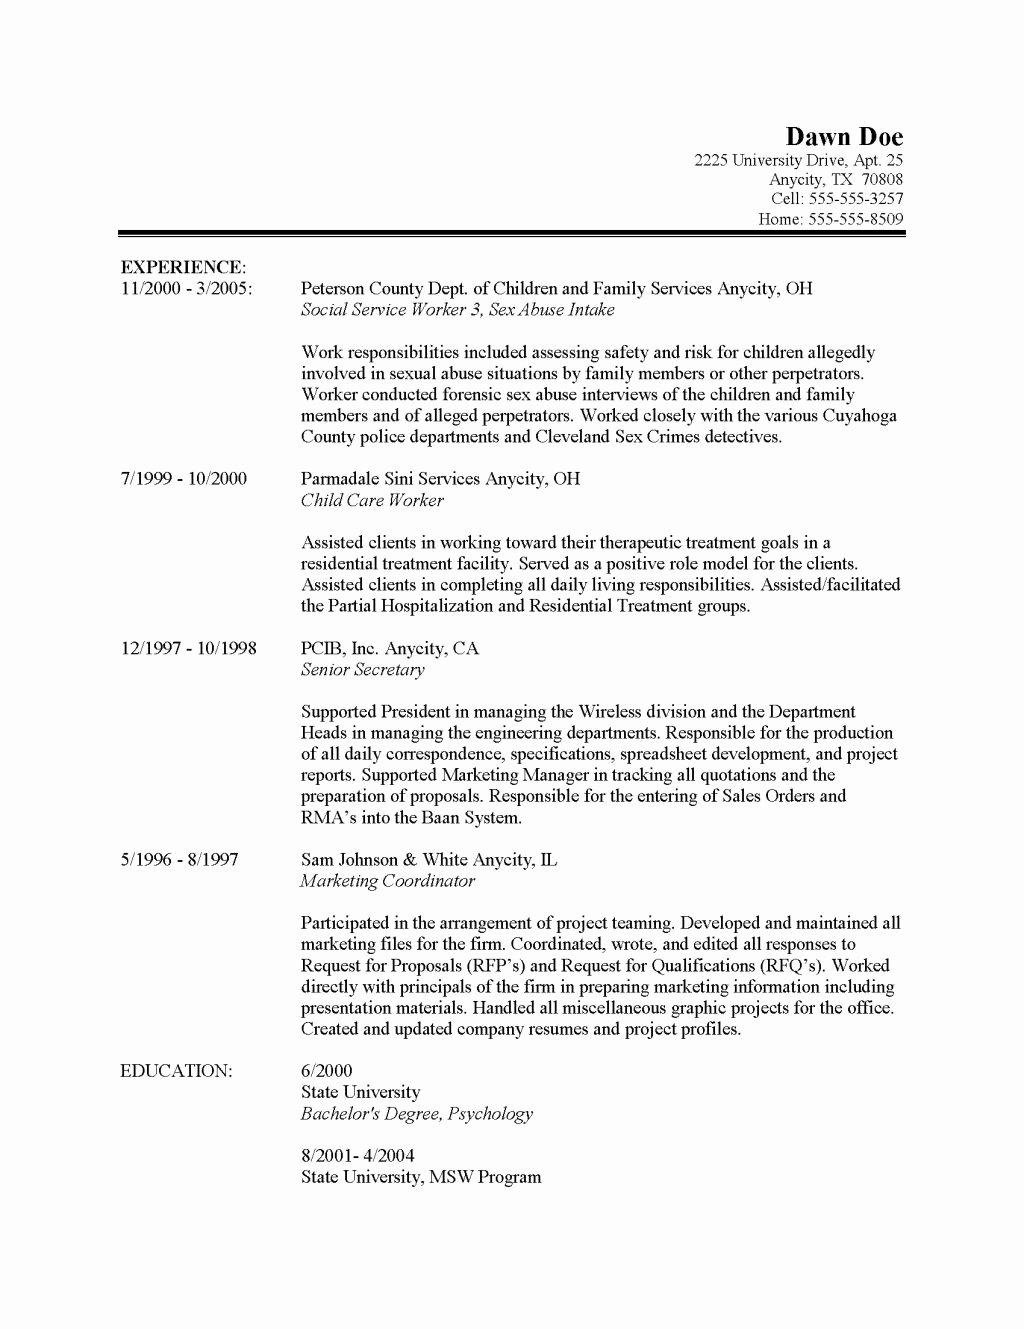 Resume Objectives for social Work Cover Letter Samples